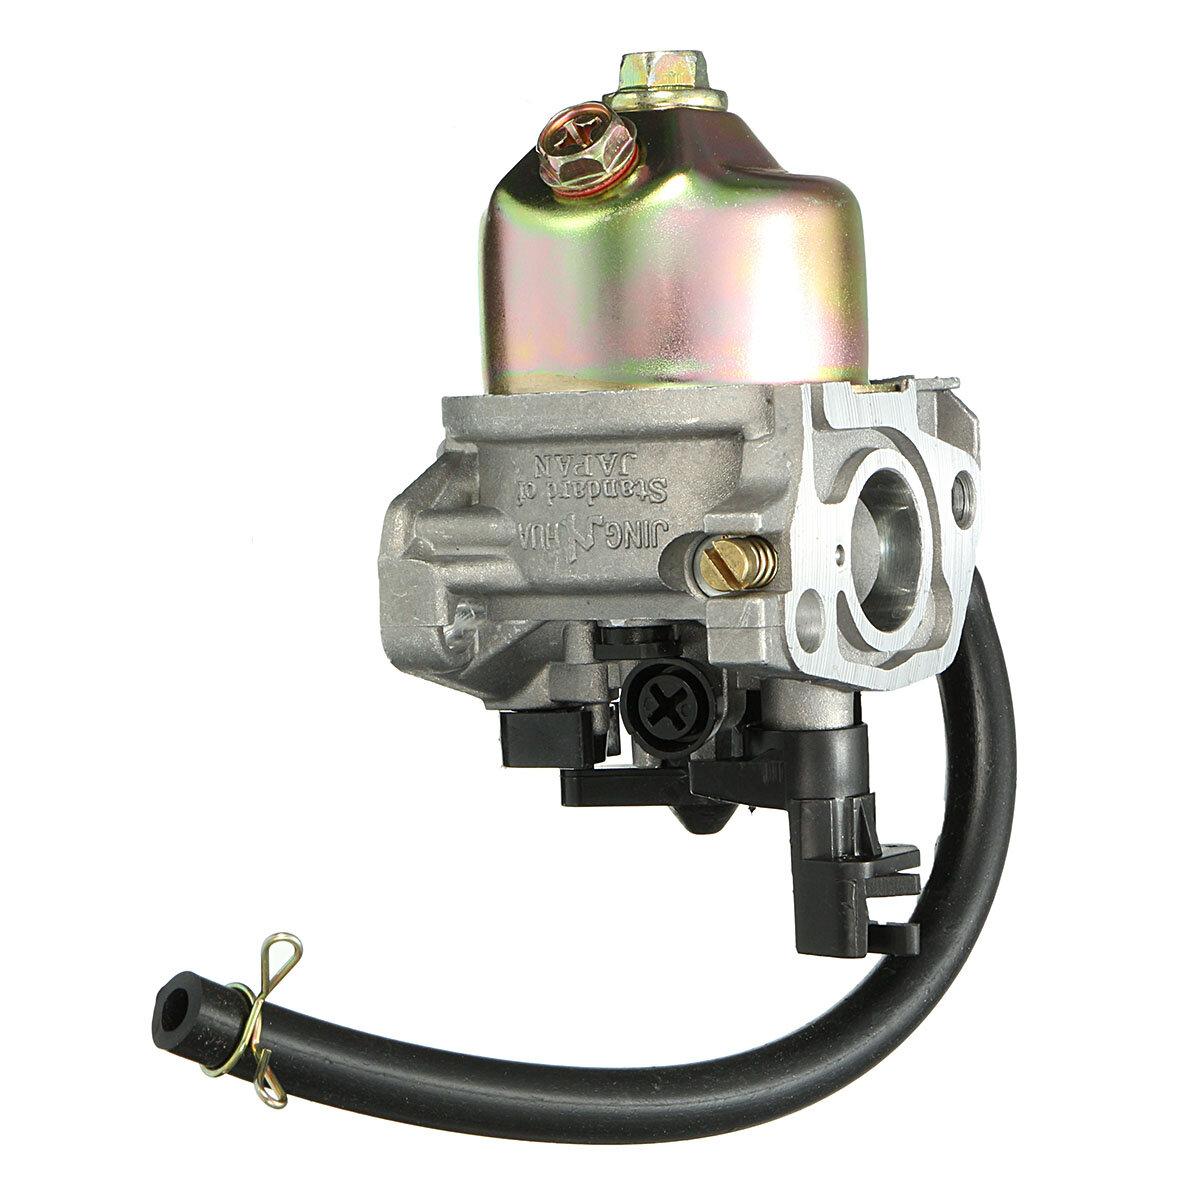 혼다 GX160 GX200 5.5HP 6.5HP 발전기 엔진 용 기화기 탄수화물